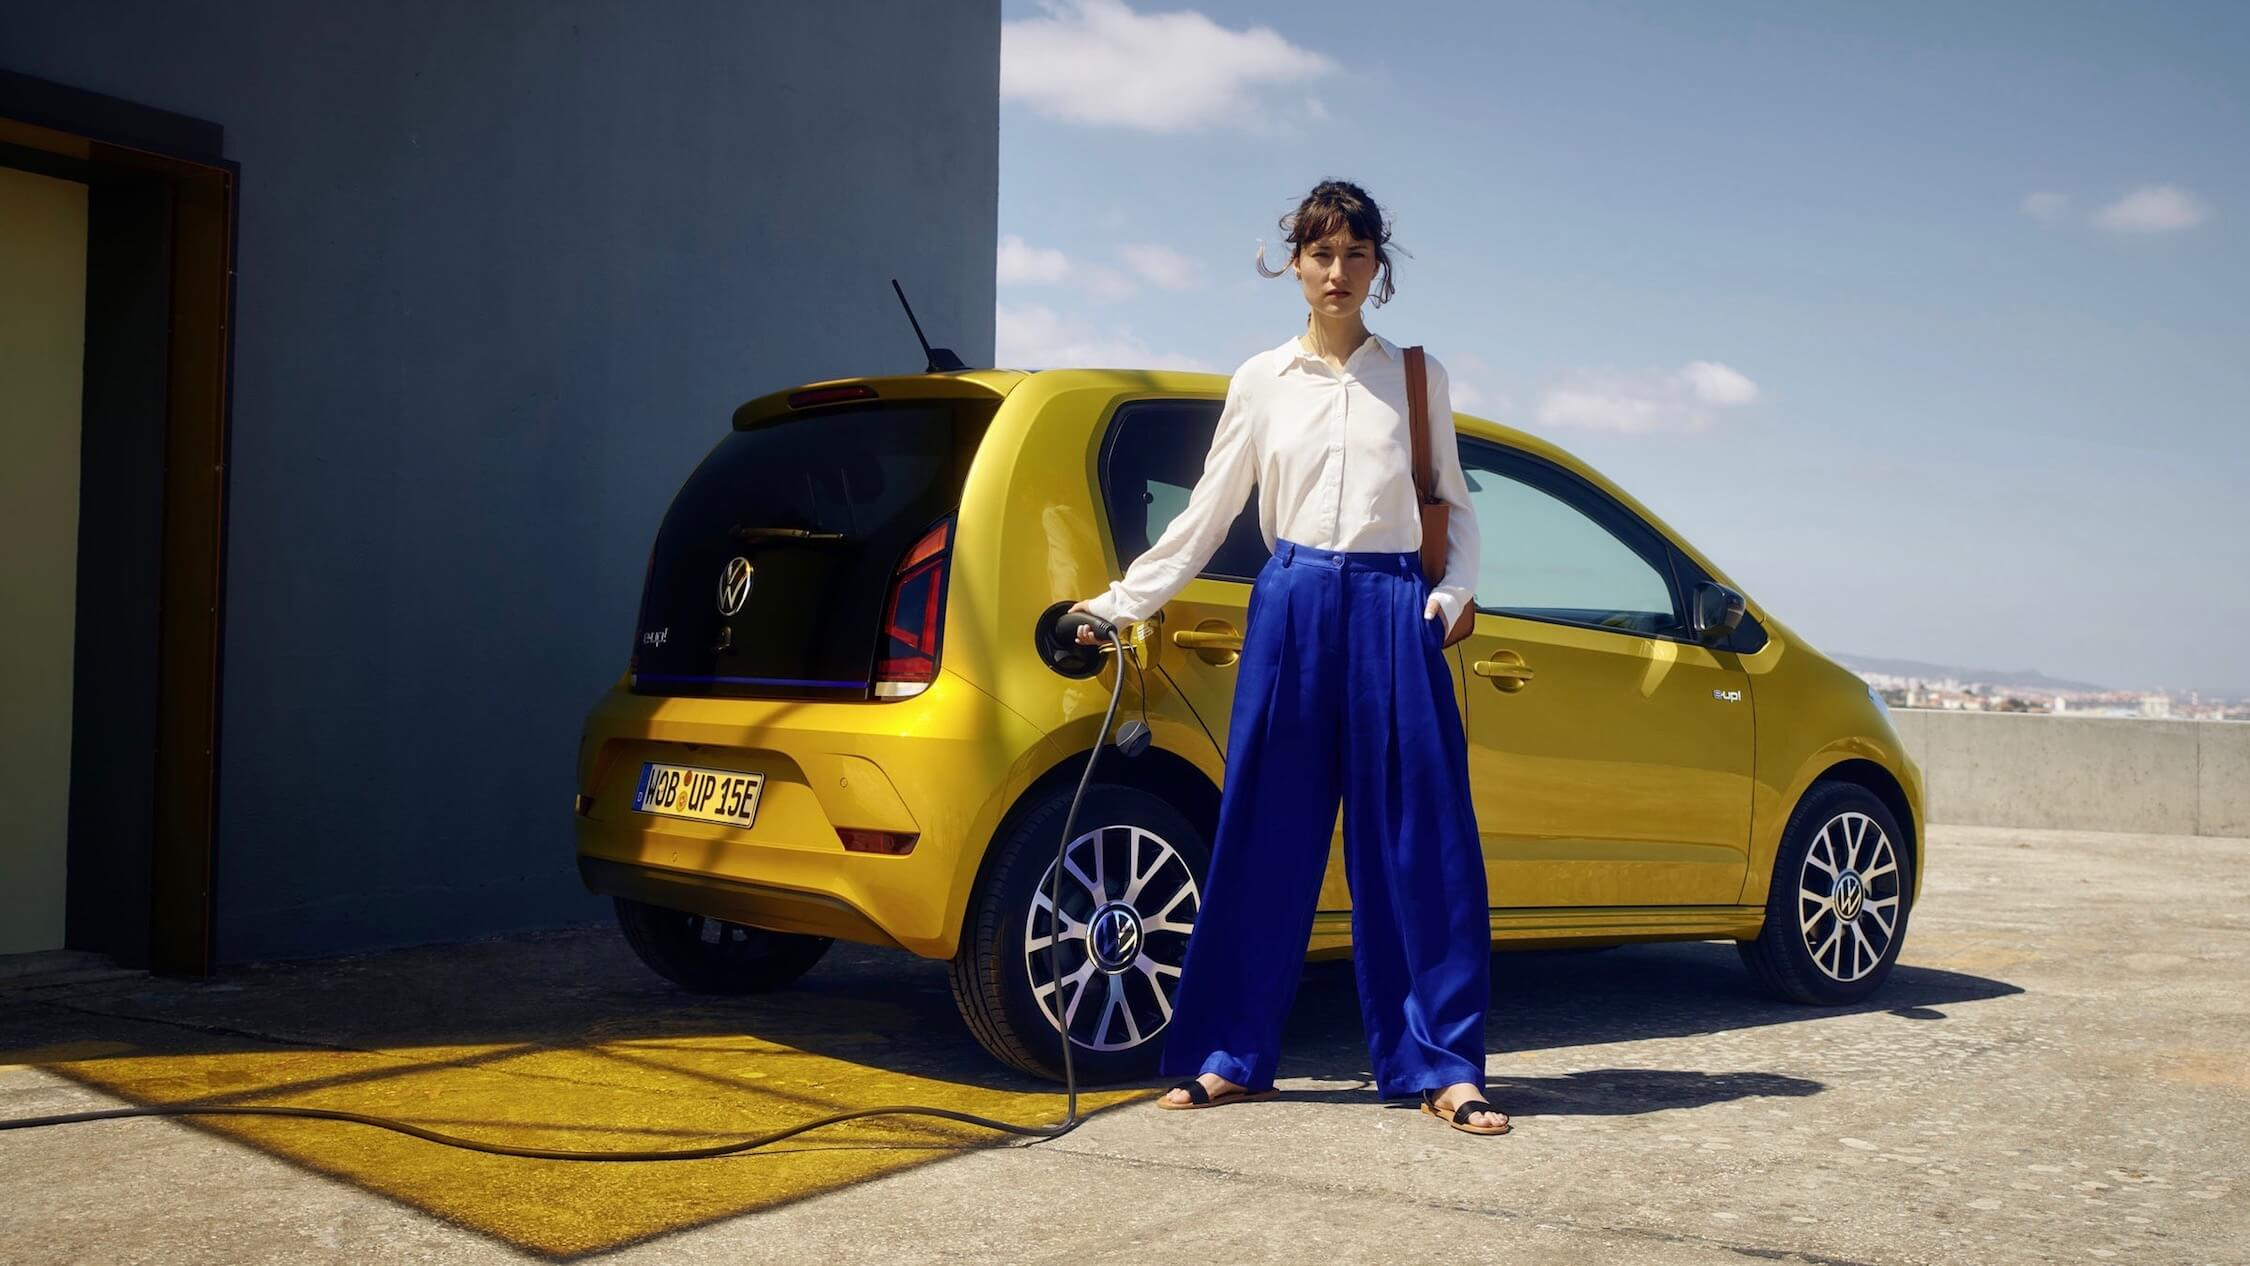 laadkabel voor Volkswagen e up